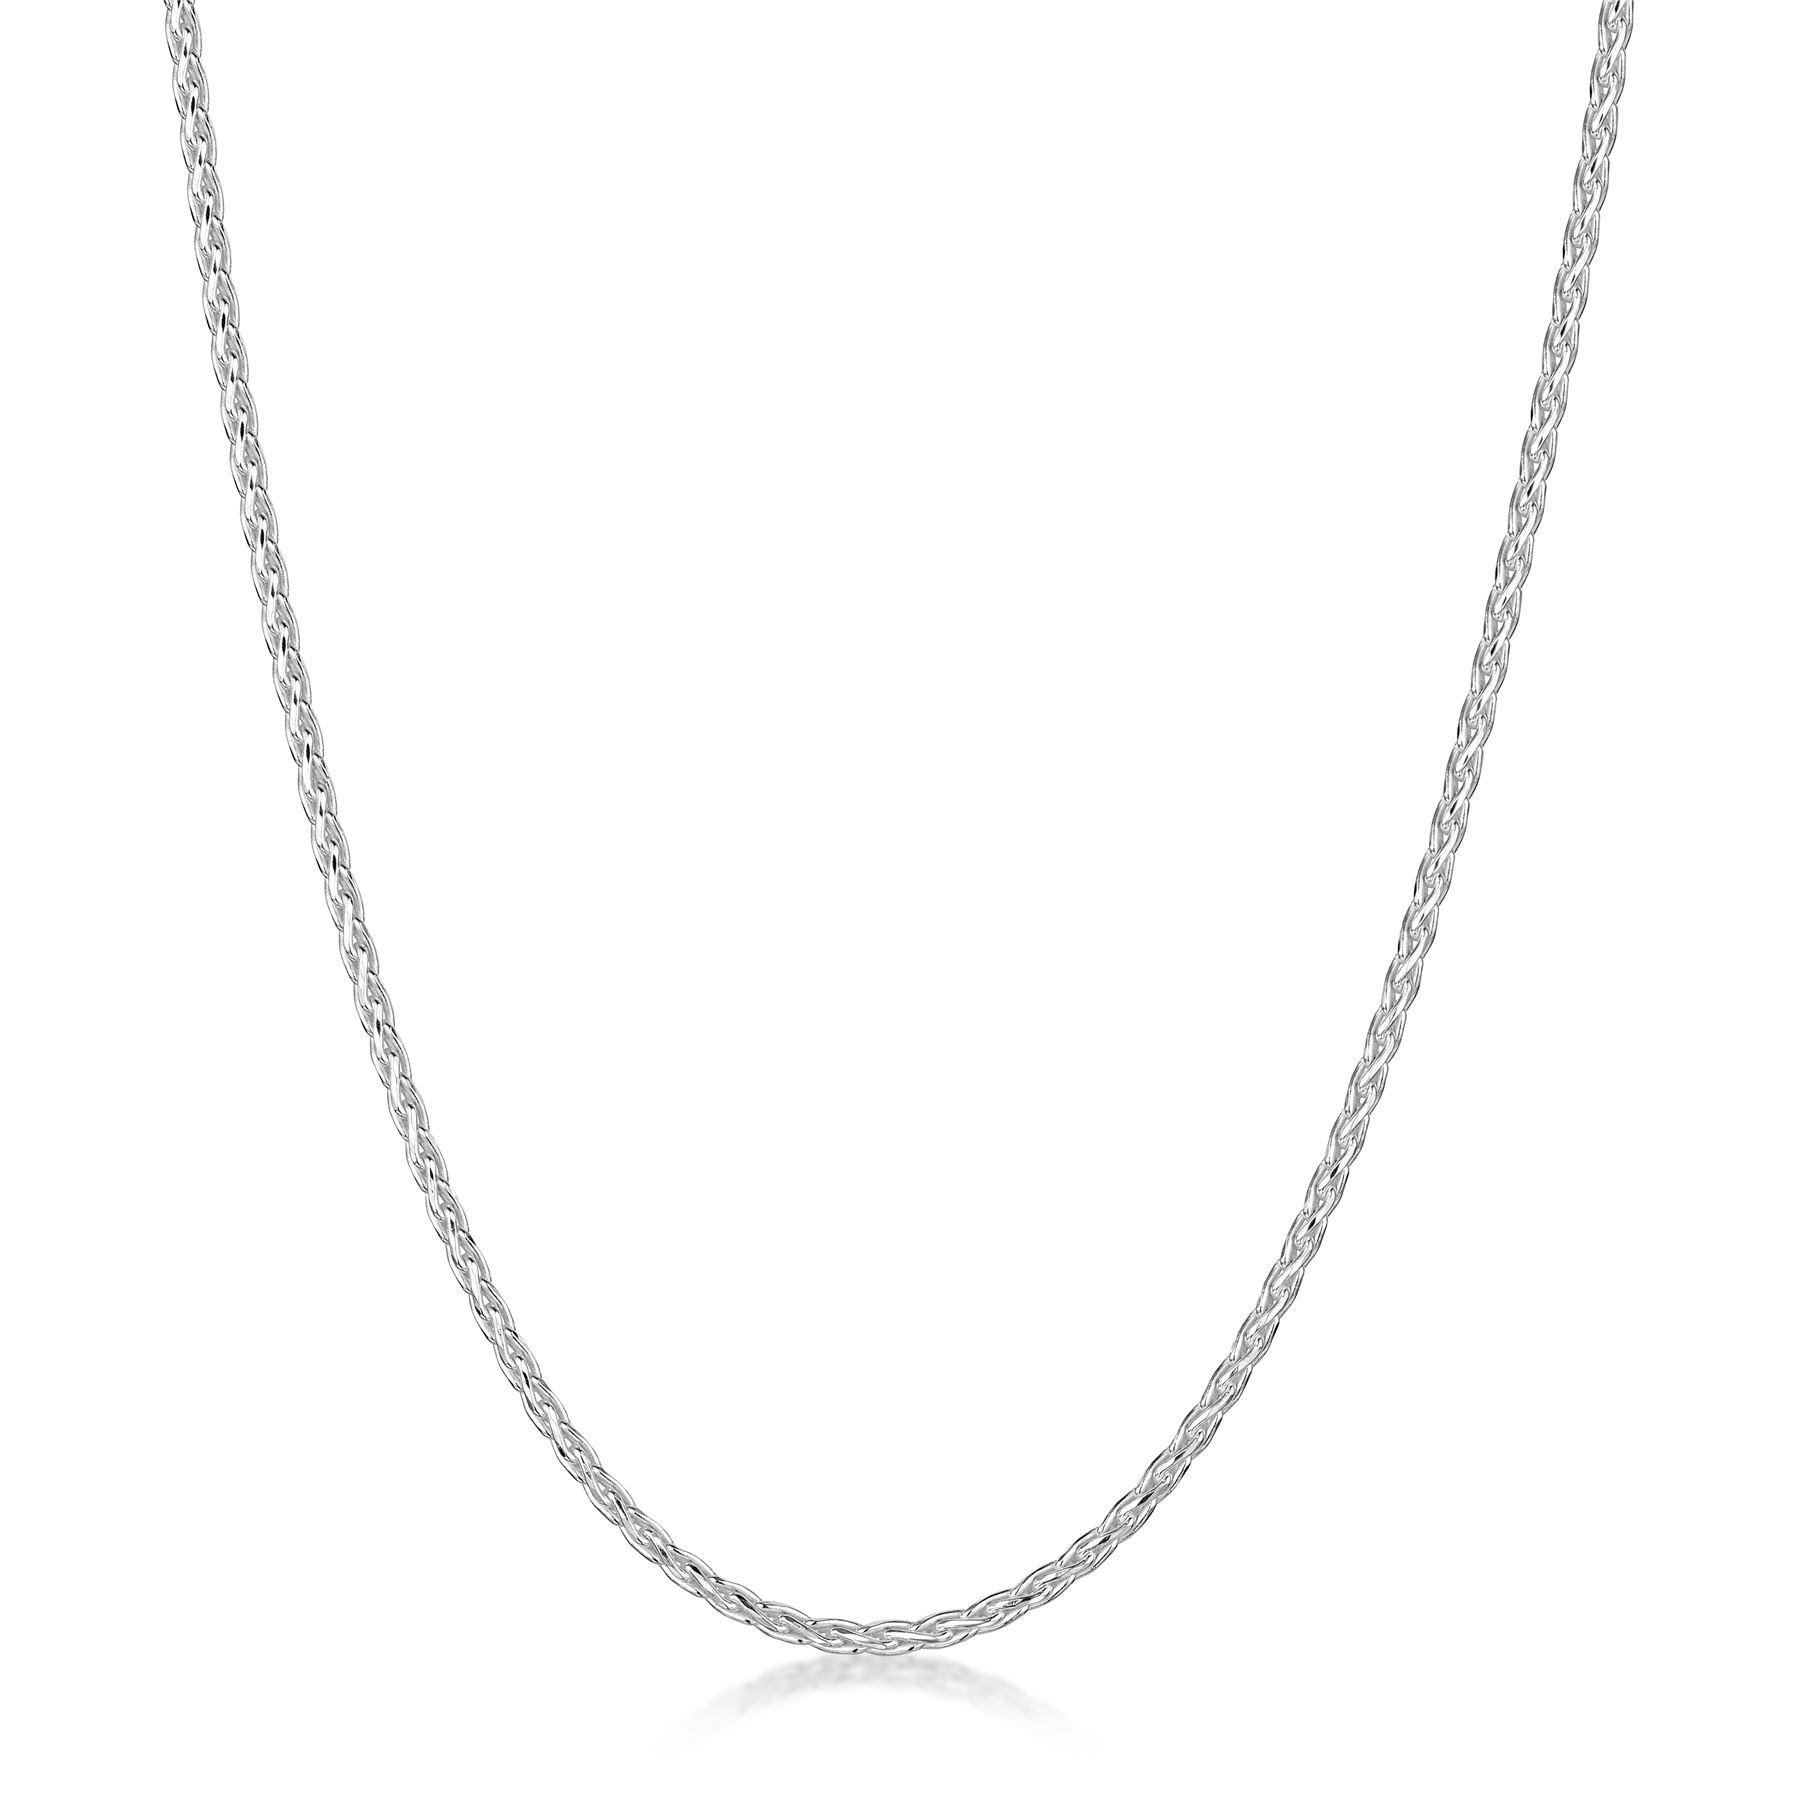 Amberta-Collar-en-Plata-De-Ley-925-Autentica-Cadena-para-Mujer-y-Hombre-Italiana miniatura 65